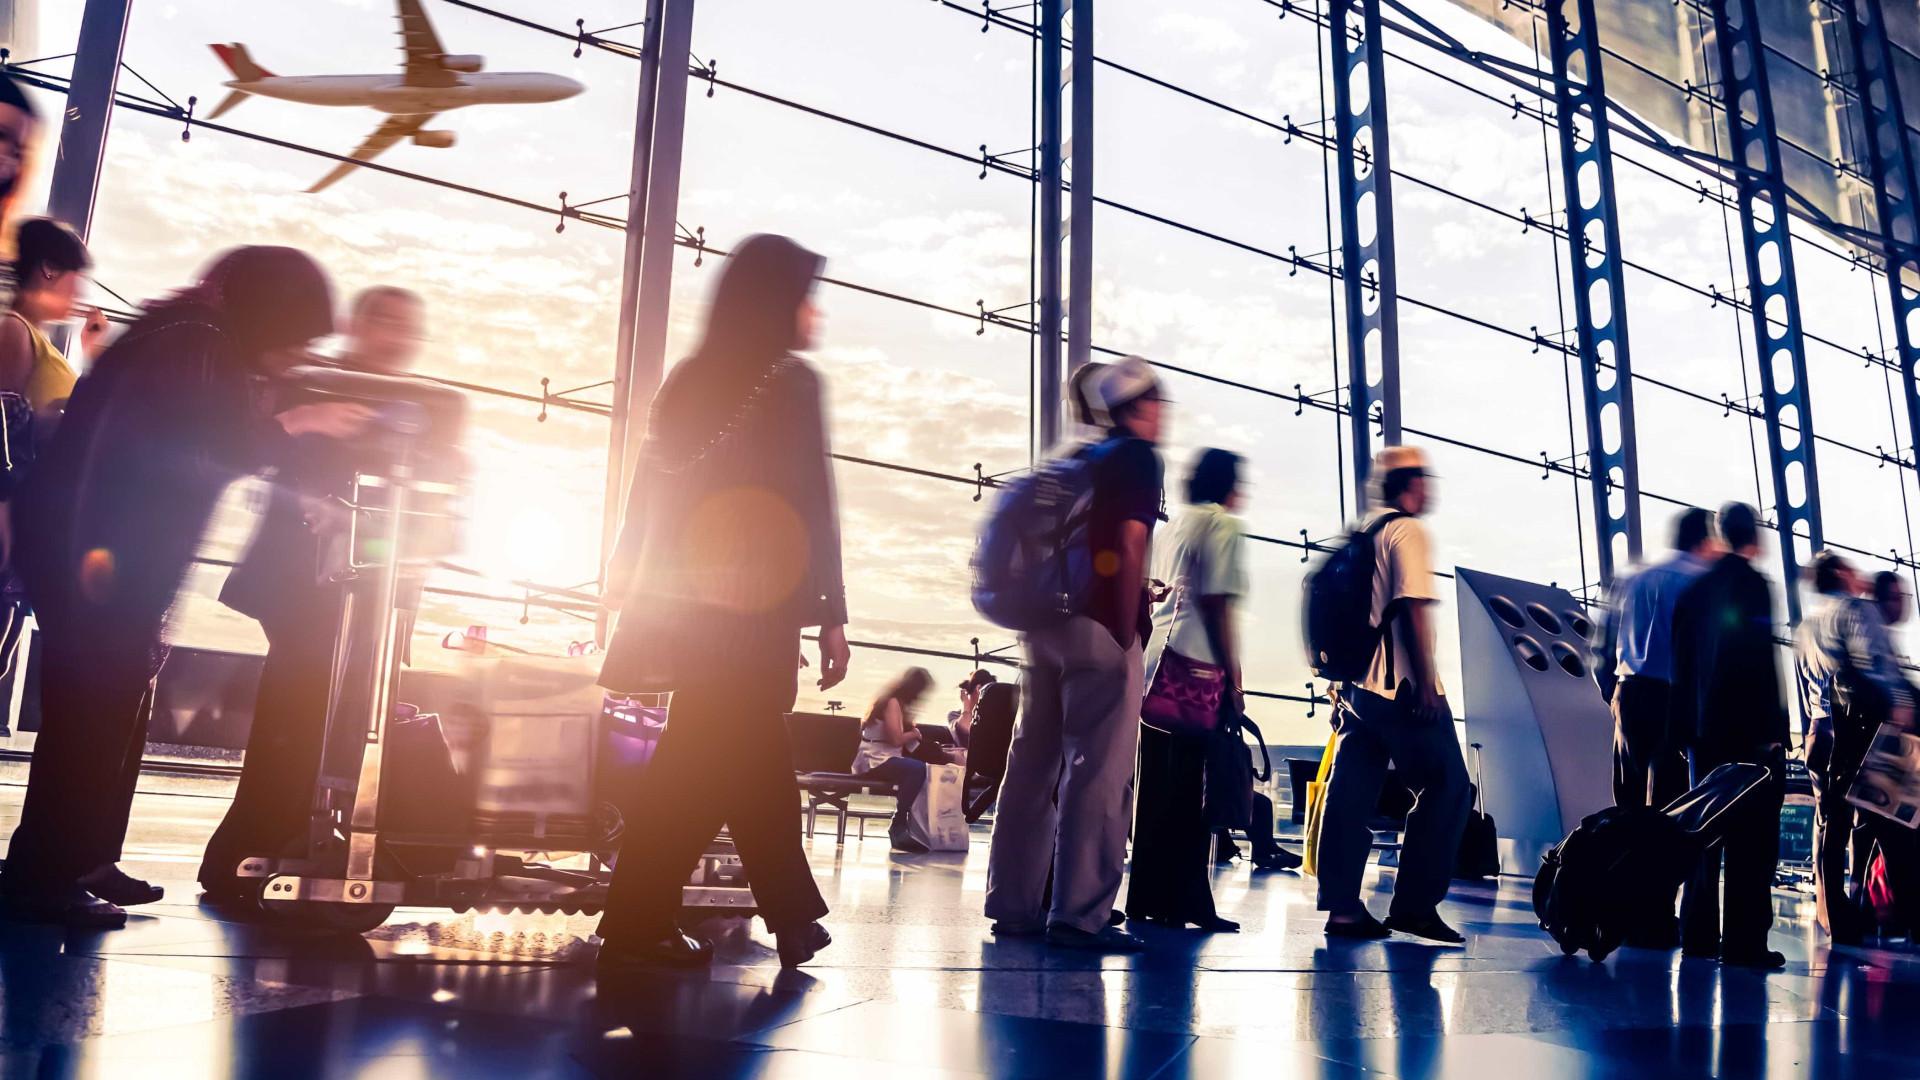 Pesquisa: 34% dos brasileiros querem deixar o país